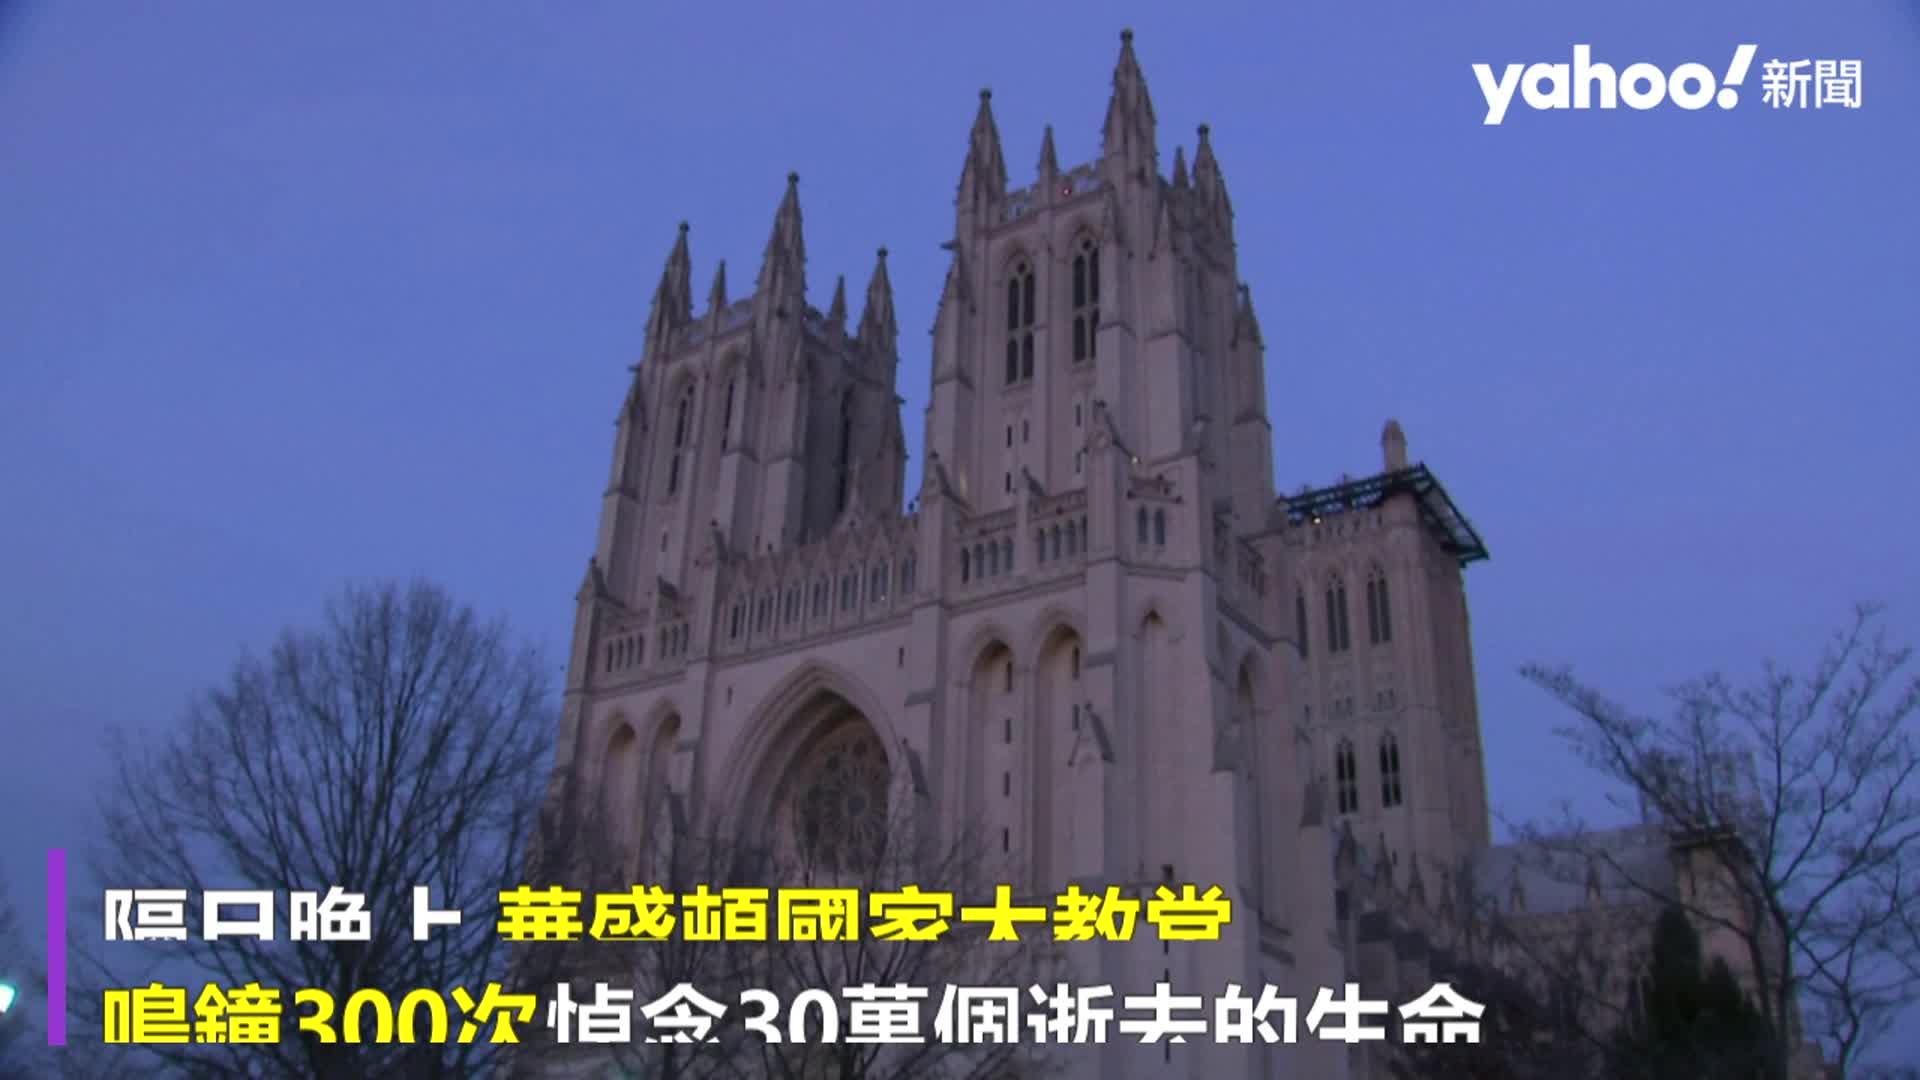 美染疫喪命人數破30萬 華盛頓國家大教堂敲鐘300次致逝去生命